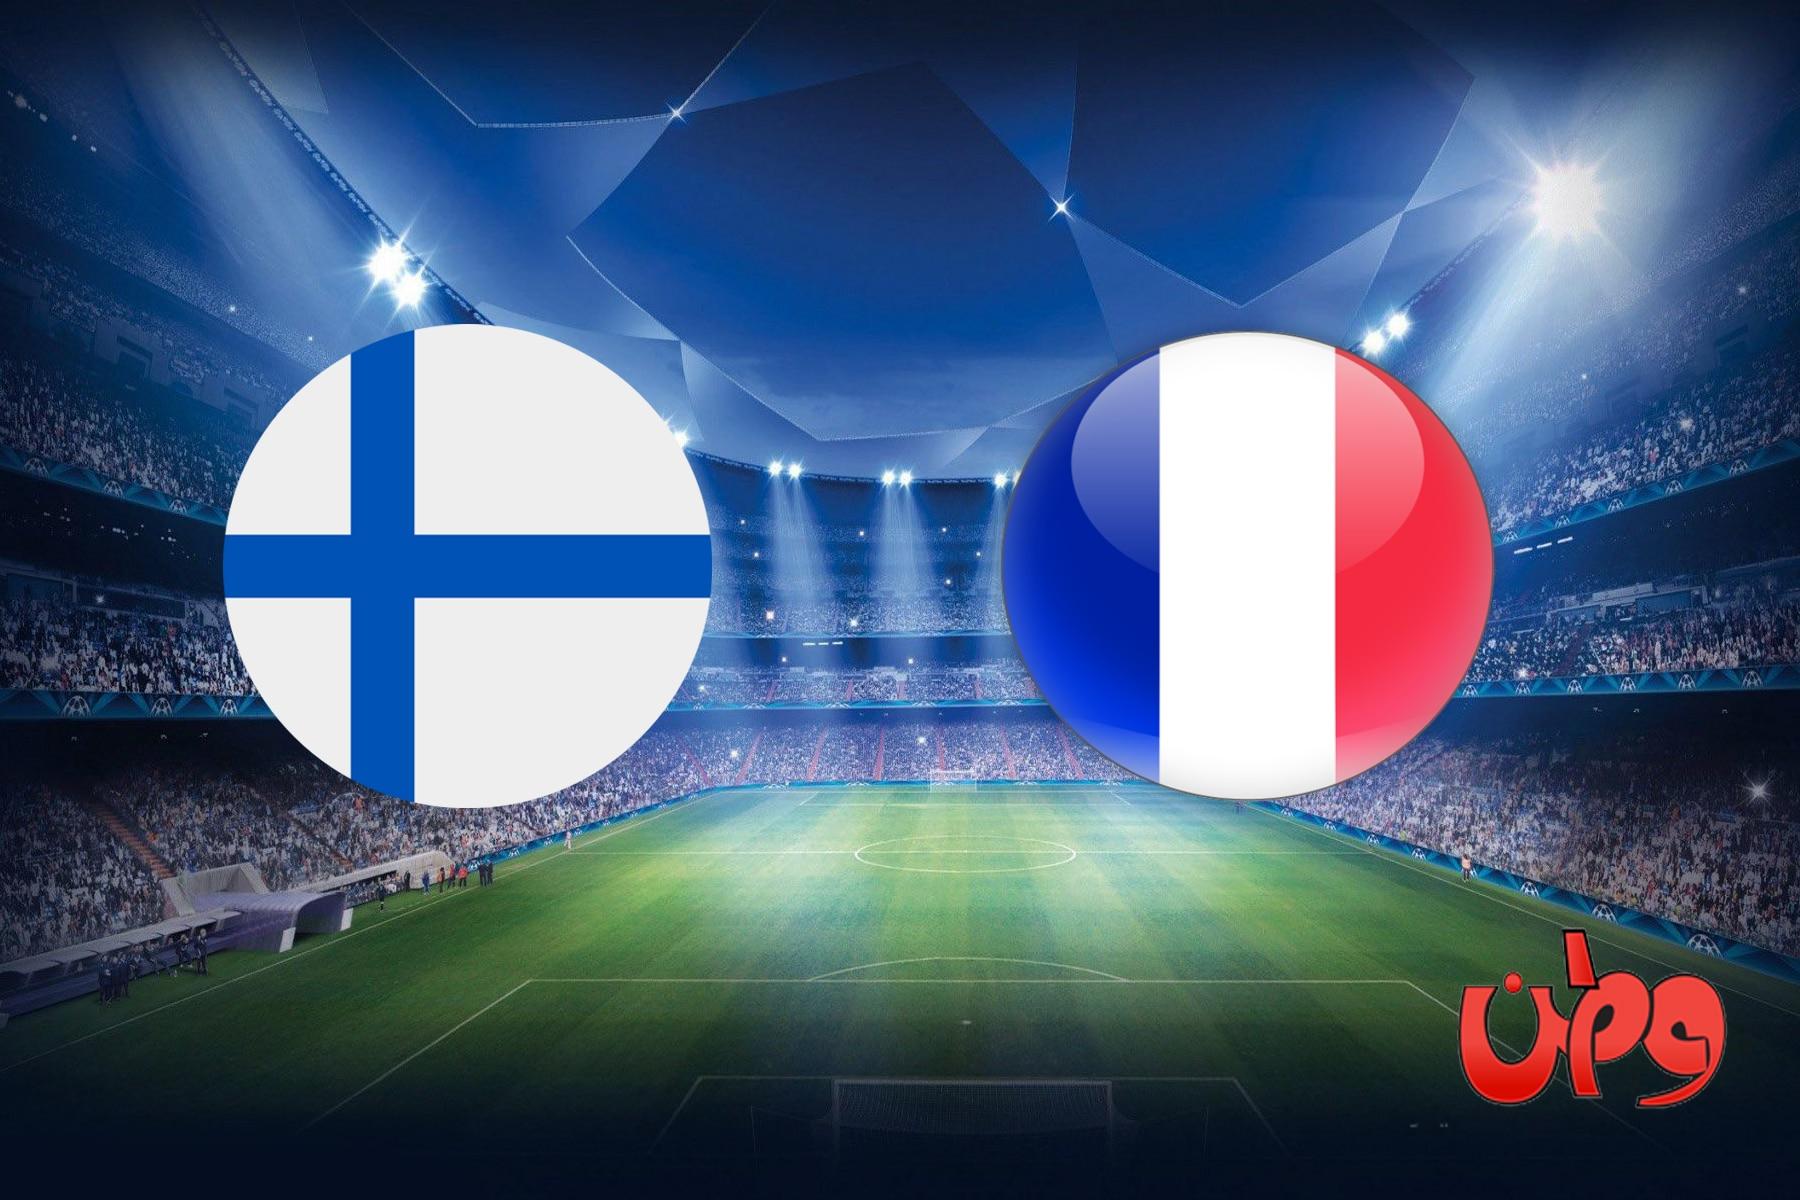 موعد ومعلق مباراة منتخب فرنسا وفنلندا في تصفيات كأس العالم 2022 والقنوات الناقلة